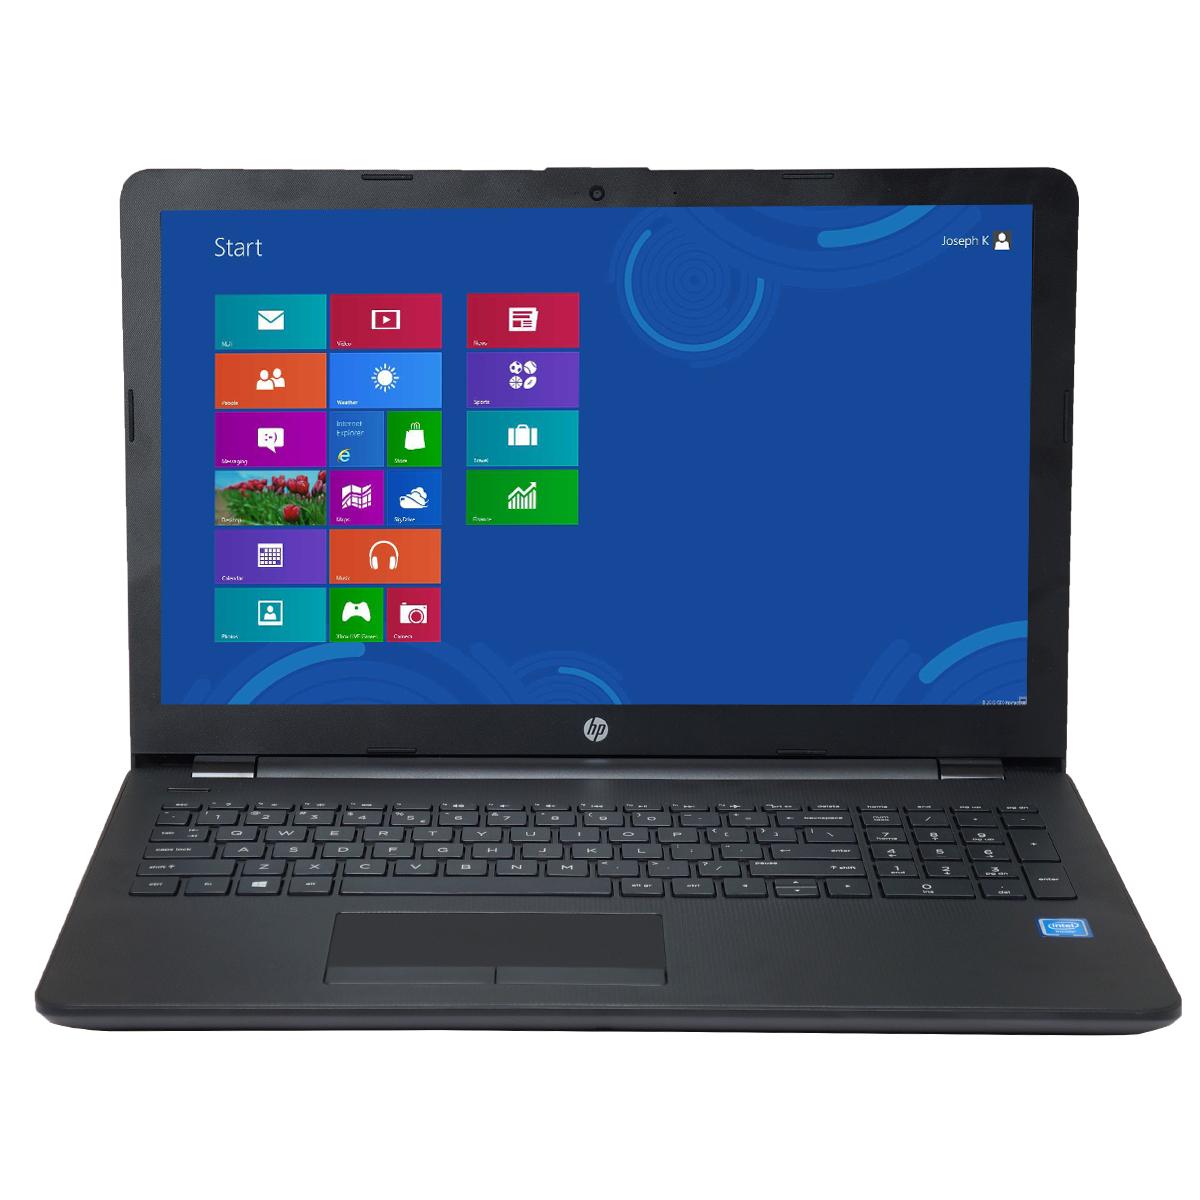 لپ تاپ 15 اینچی اچ پی مدل 15-RA008nia - A